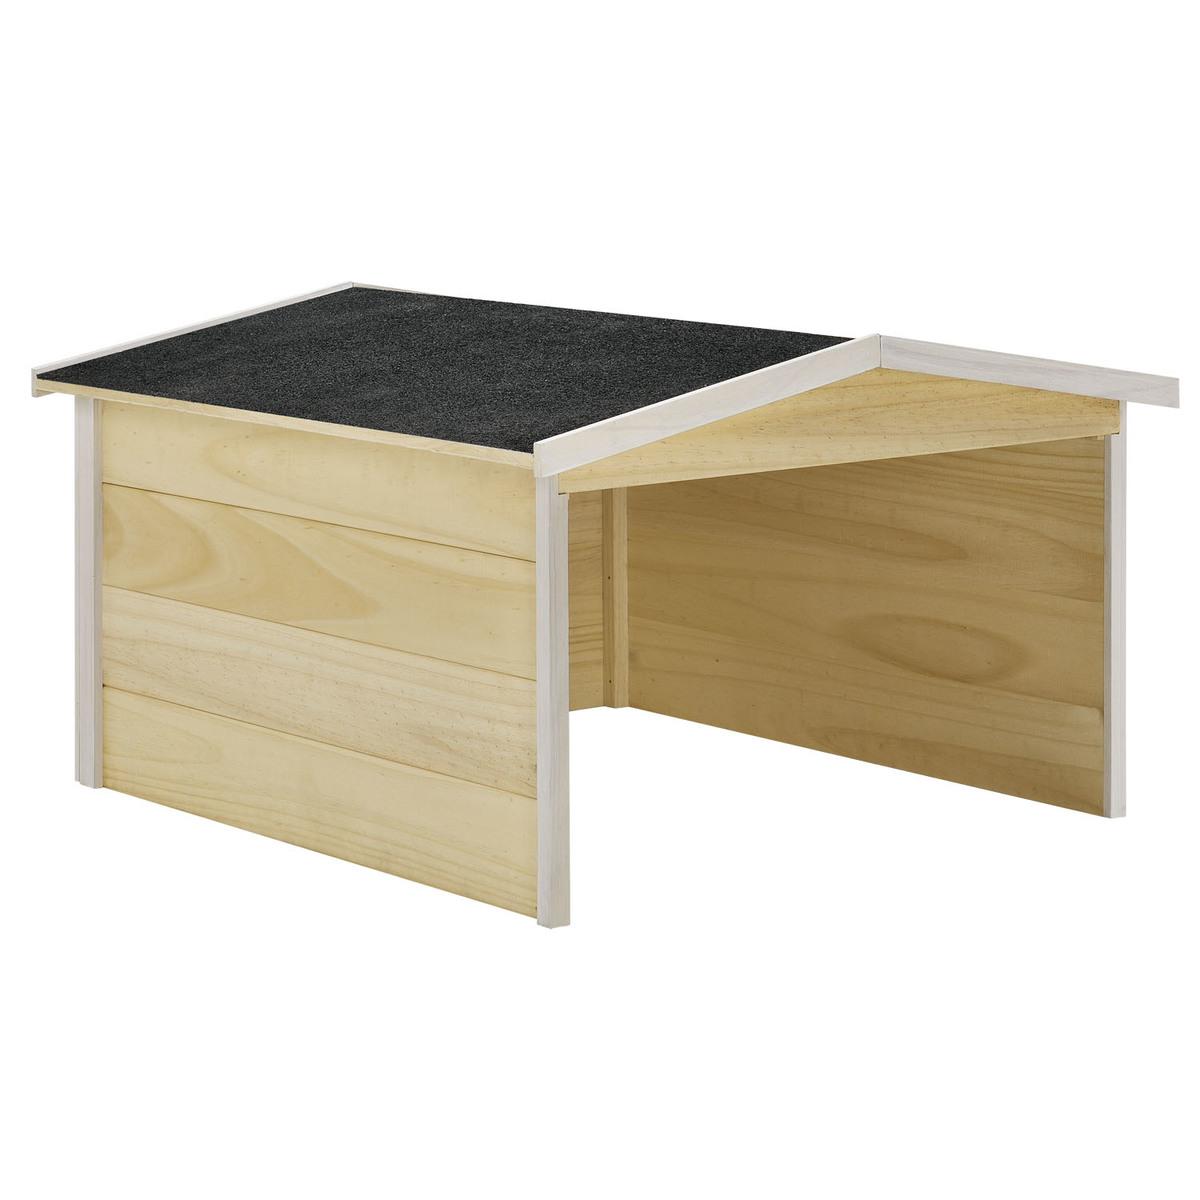 Bild 1 von Juskys Mähroboter-Garage M aus Holz mit wetterfestem Bitumensatteldach